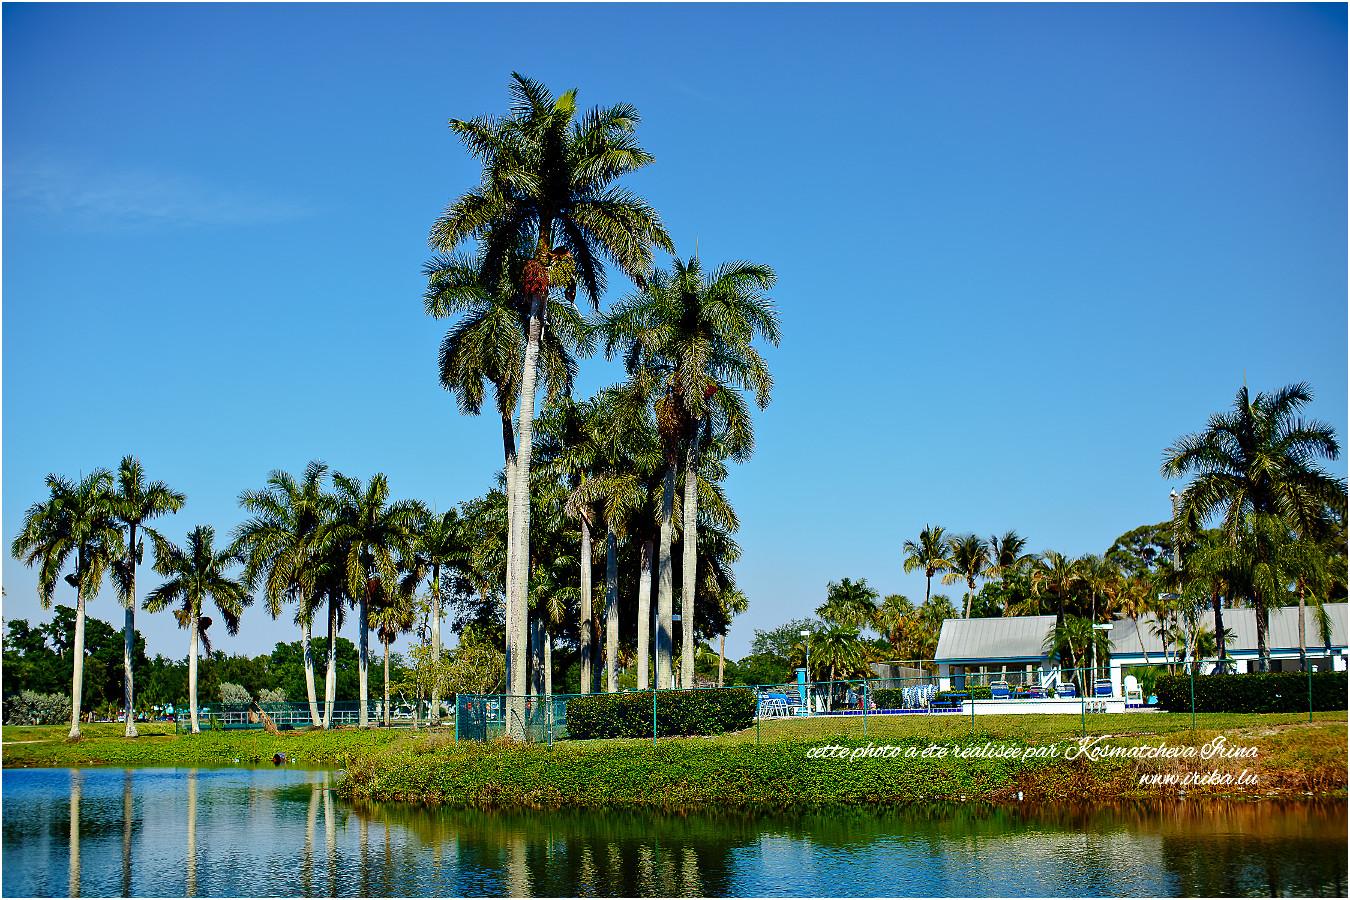 Bels palmiers du Florida